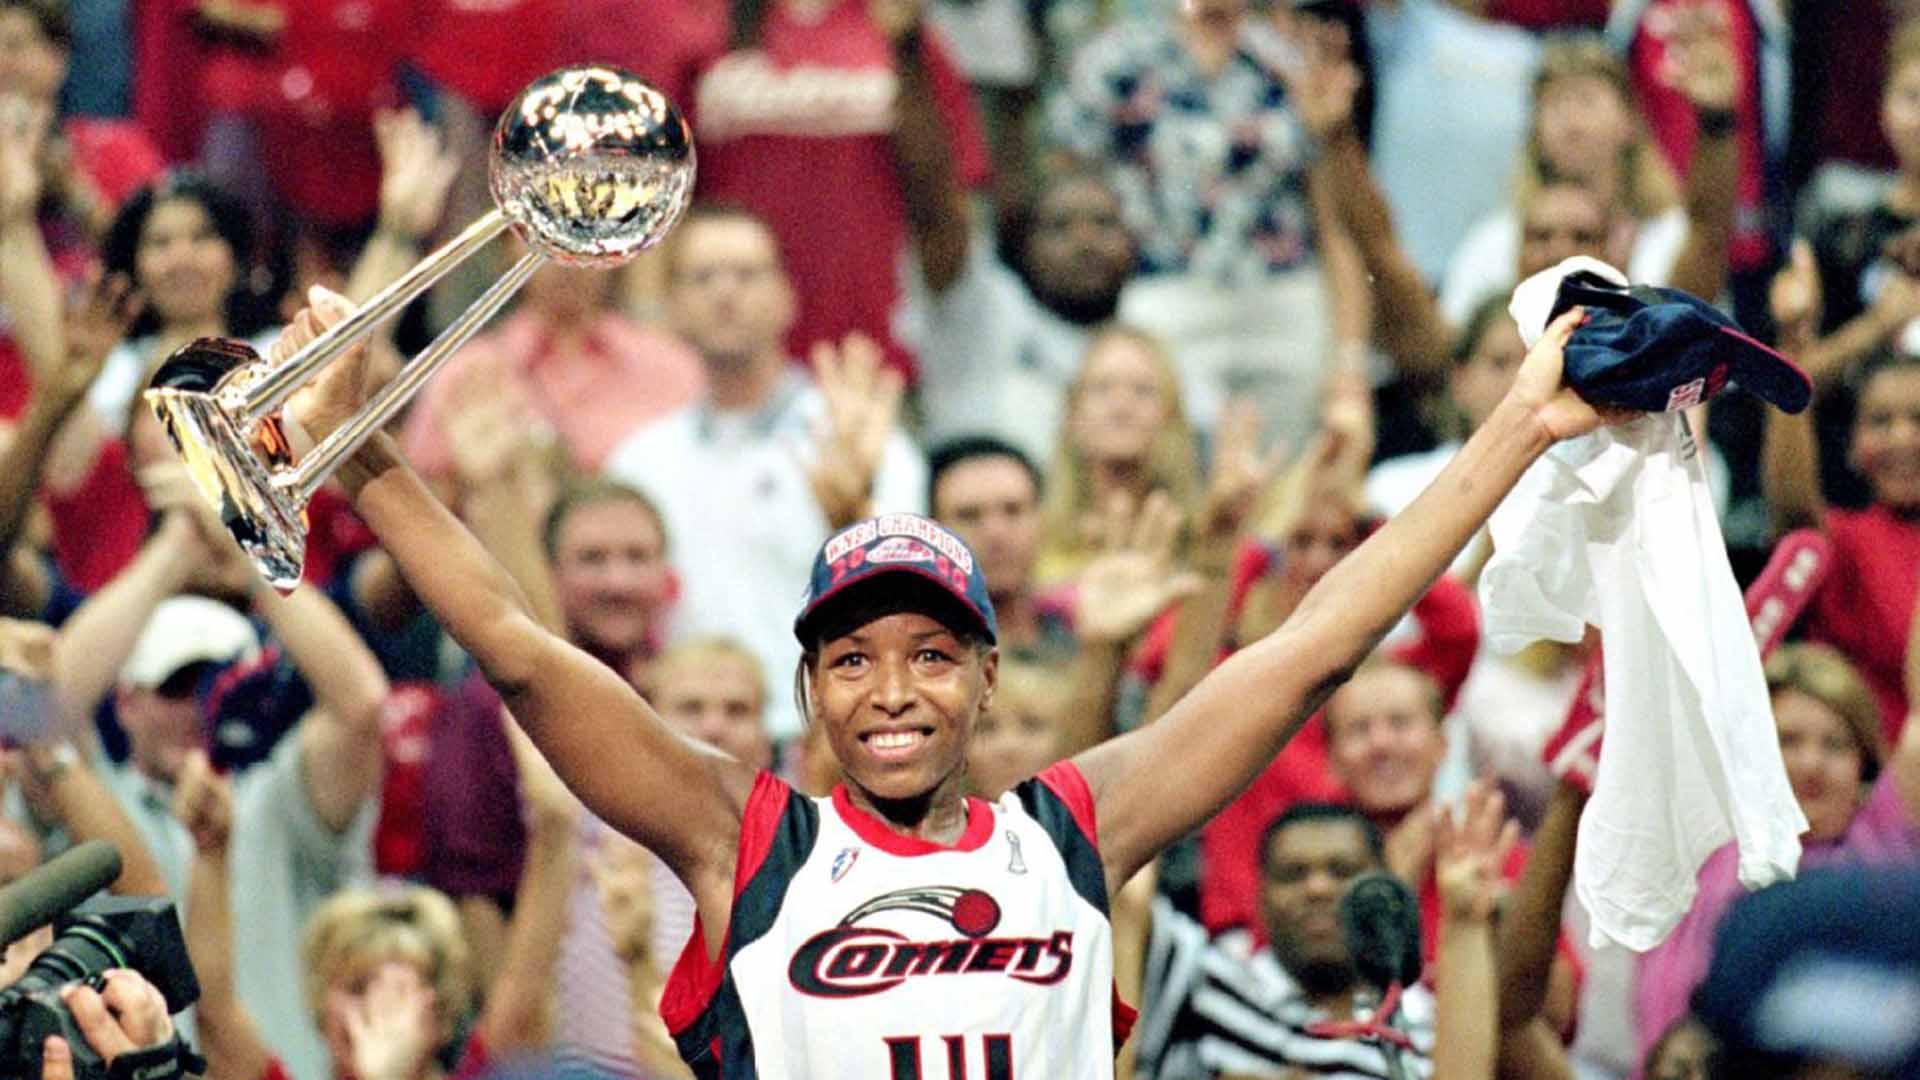 Melhor jogadora de basquete de todos os tempos